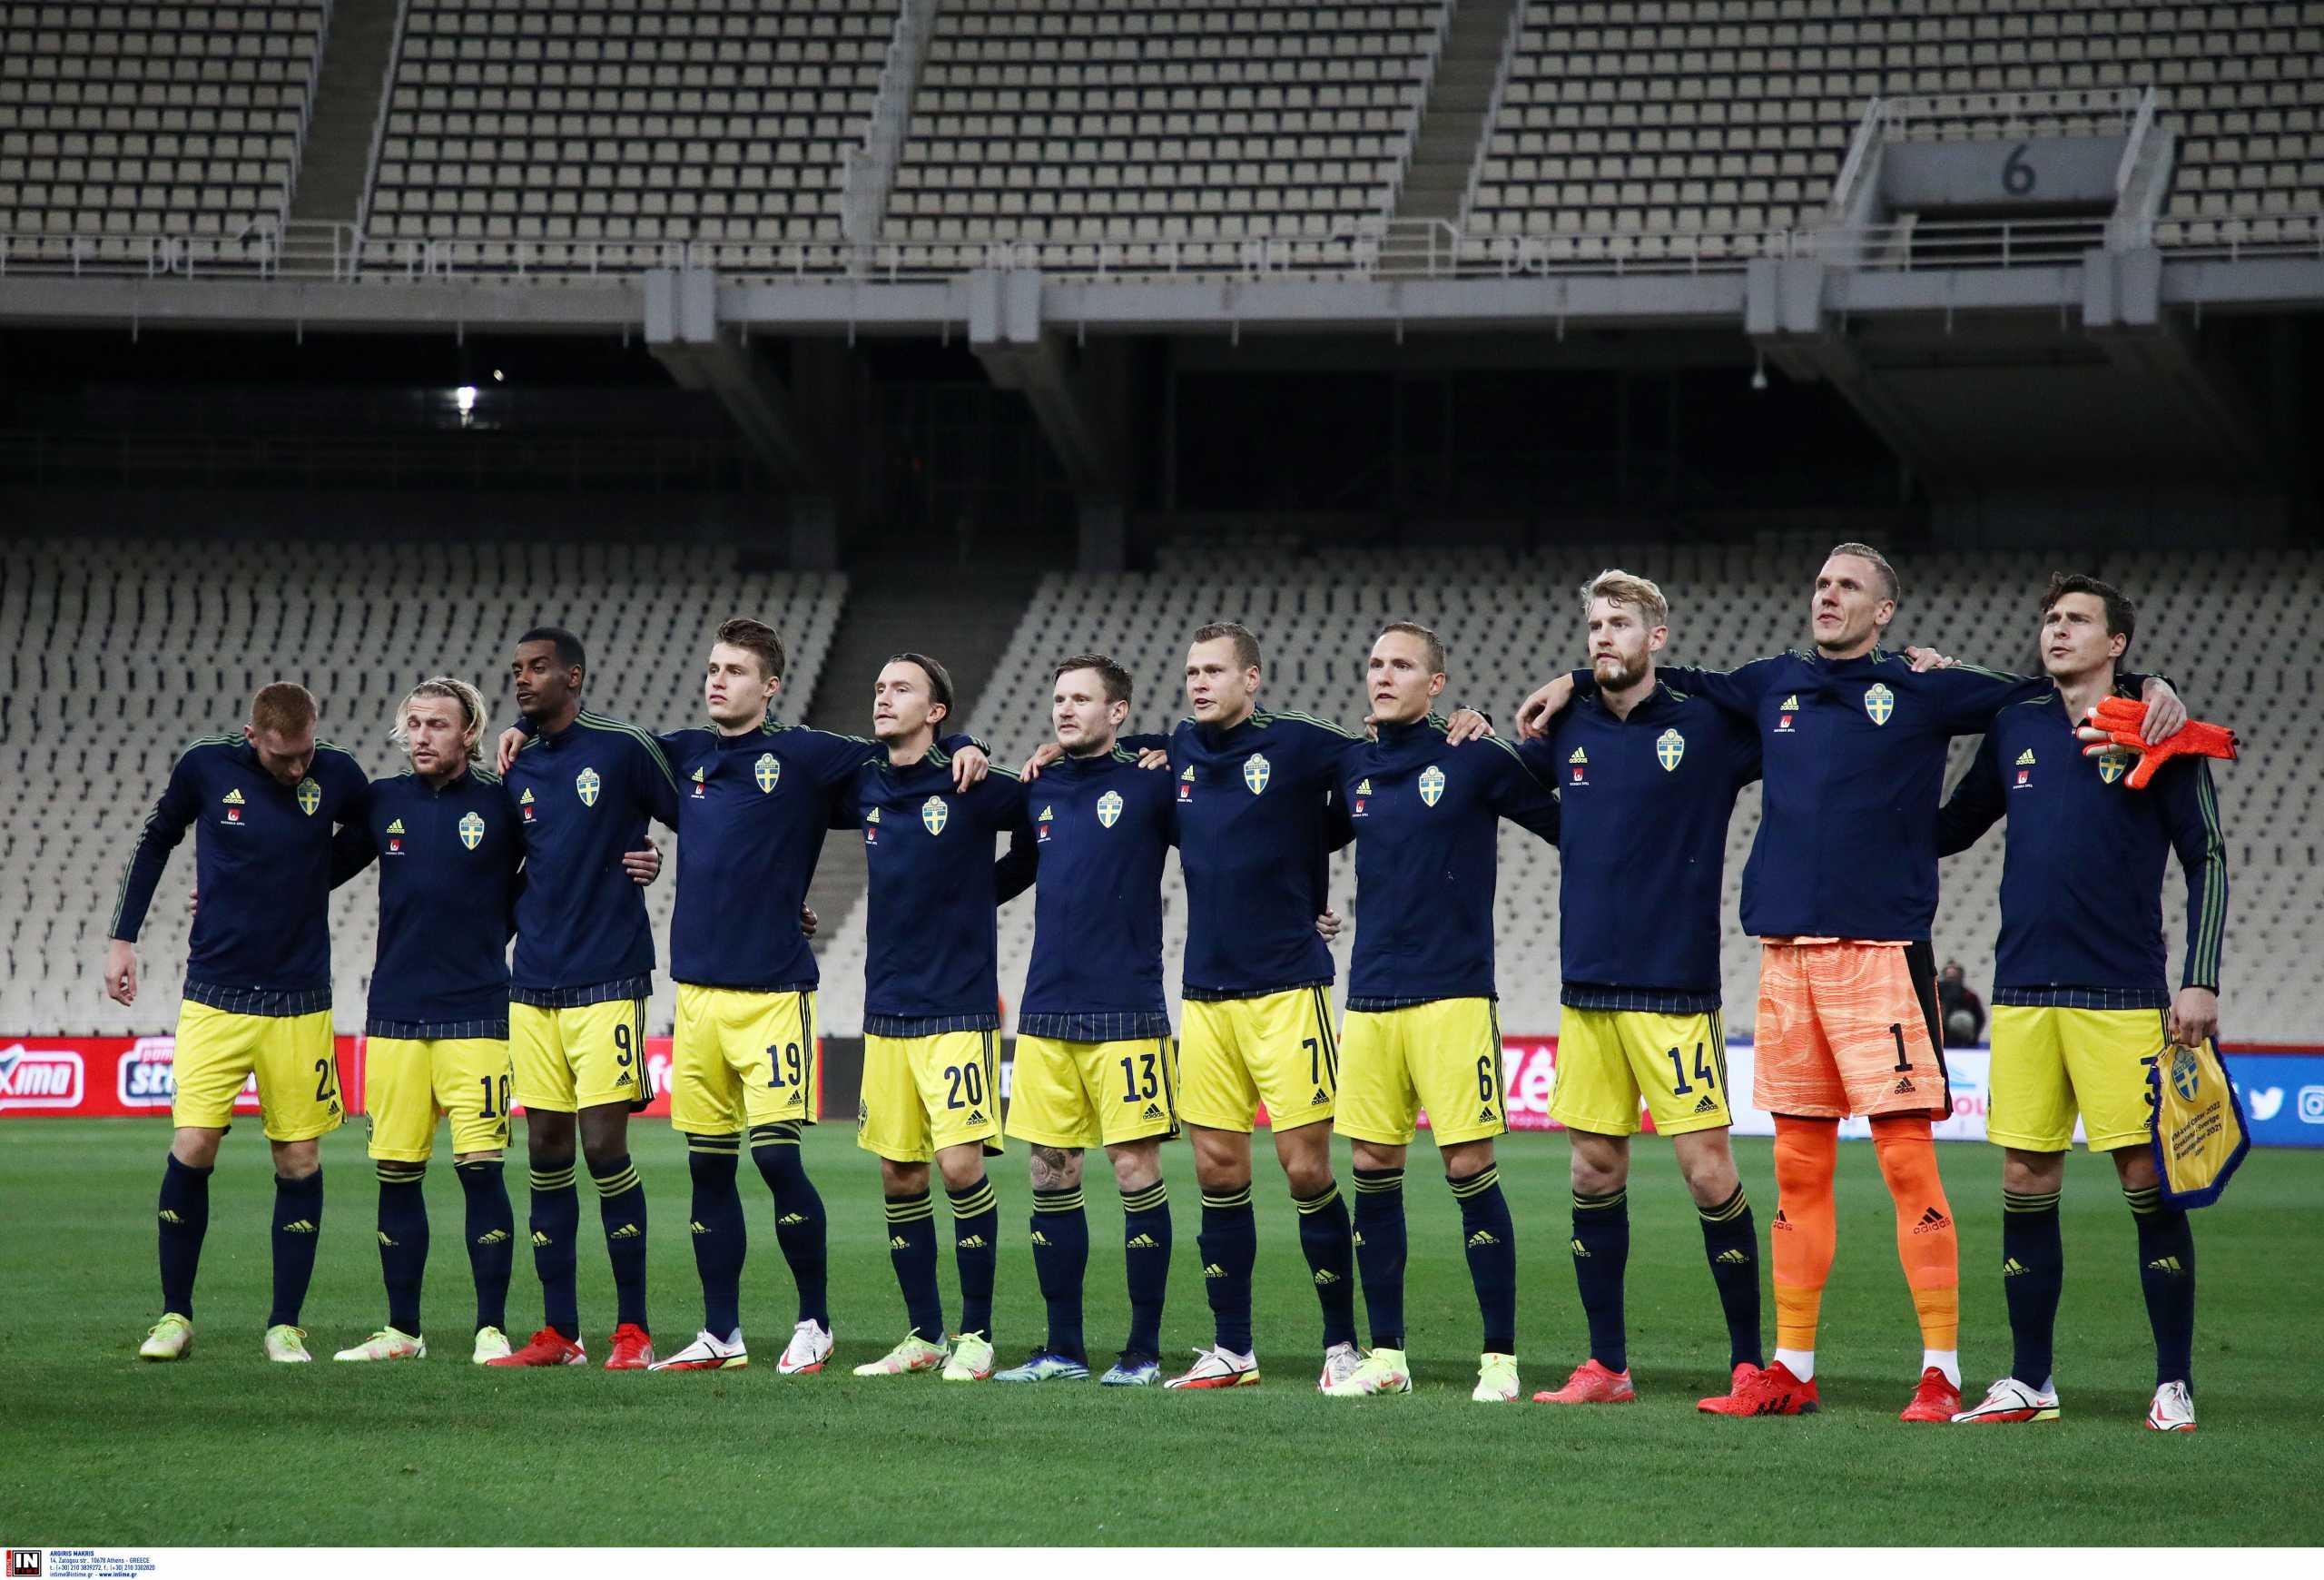 Προκριματικά Μουντιάλ 2022, Σουηδία – Ελλάδα: Ανακοίνωσε την ενδεκάδα ο Άντερσον